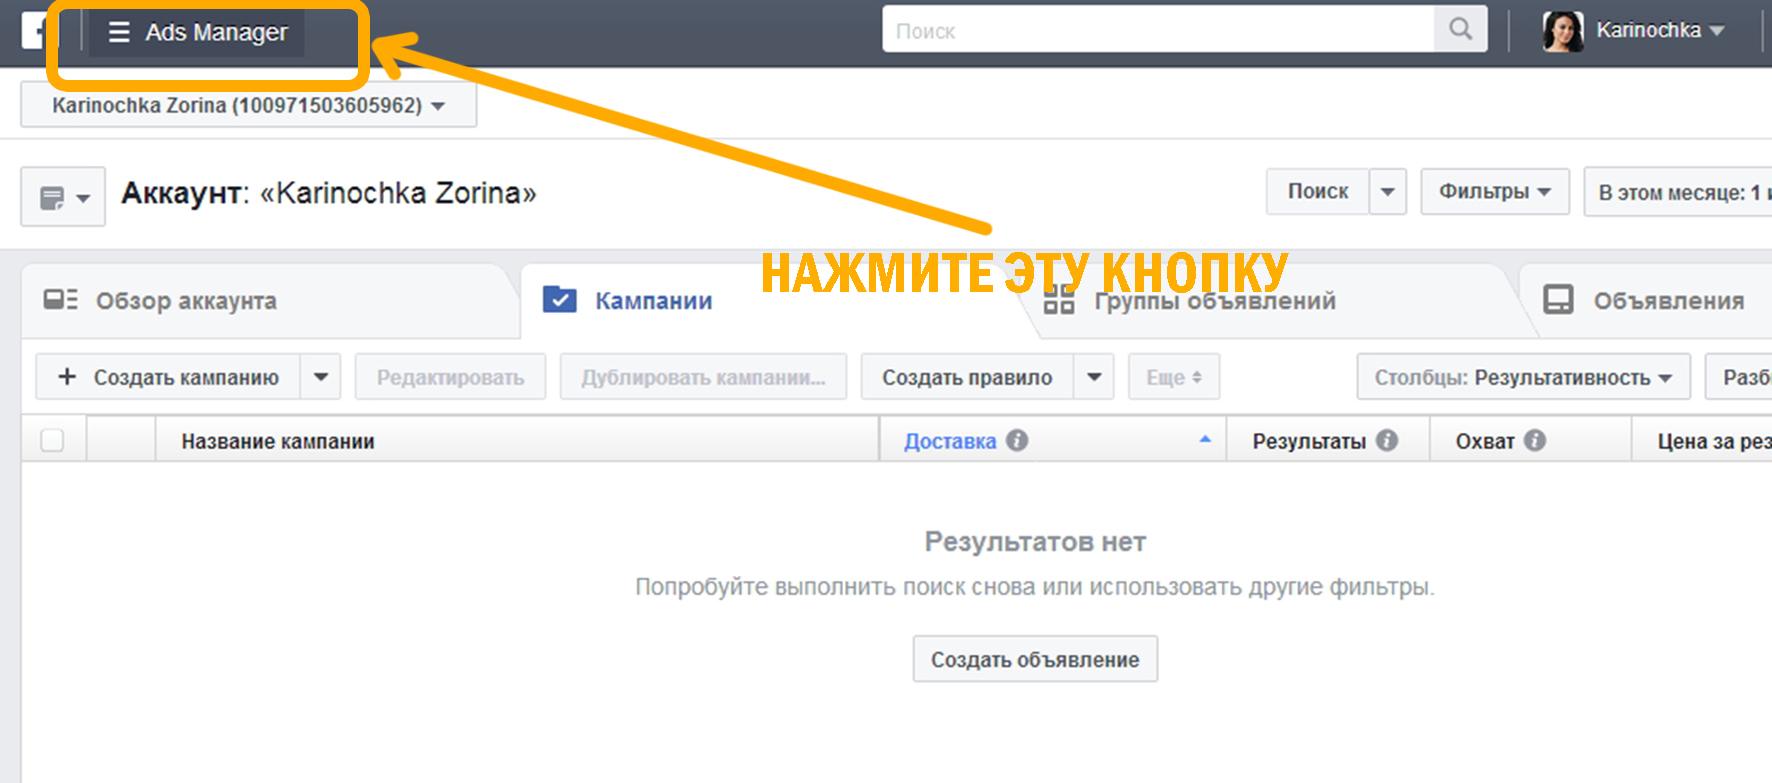 Визуальное изображение кнопки, при нажатии на которую, открывается дополнительное меню выбора настроек и категорий в менеджере рекламы Фейсбук.